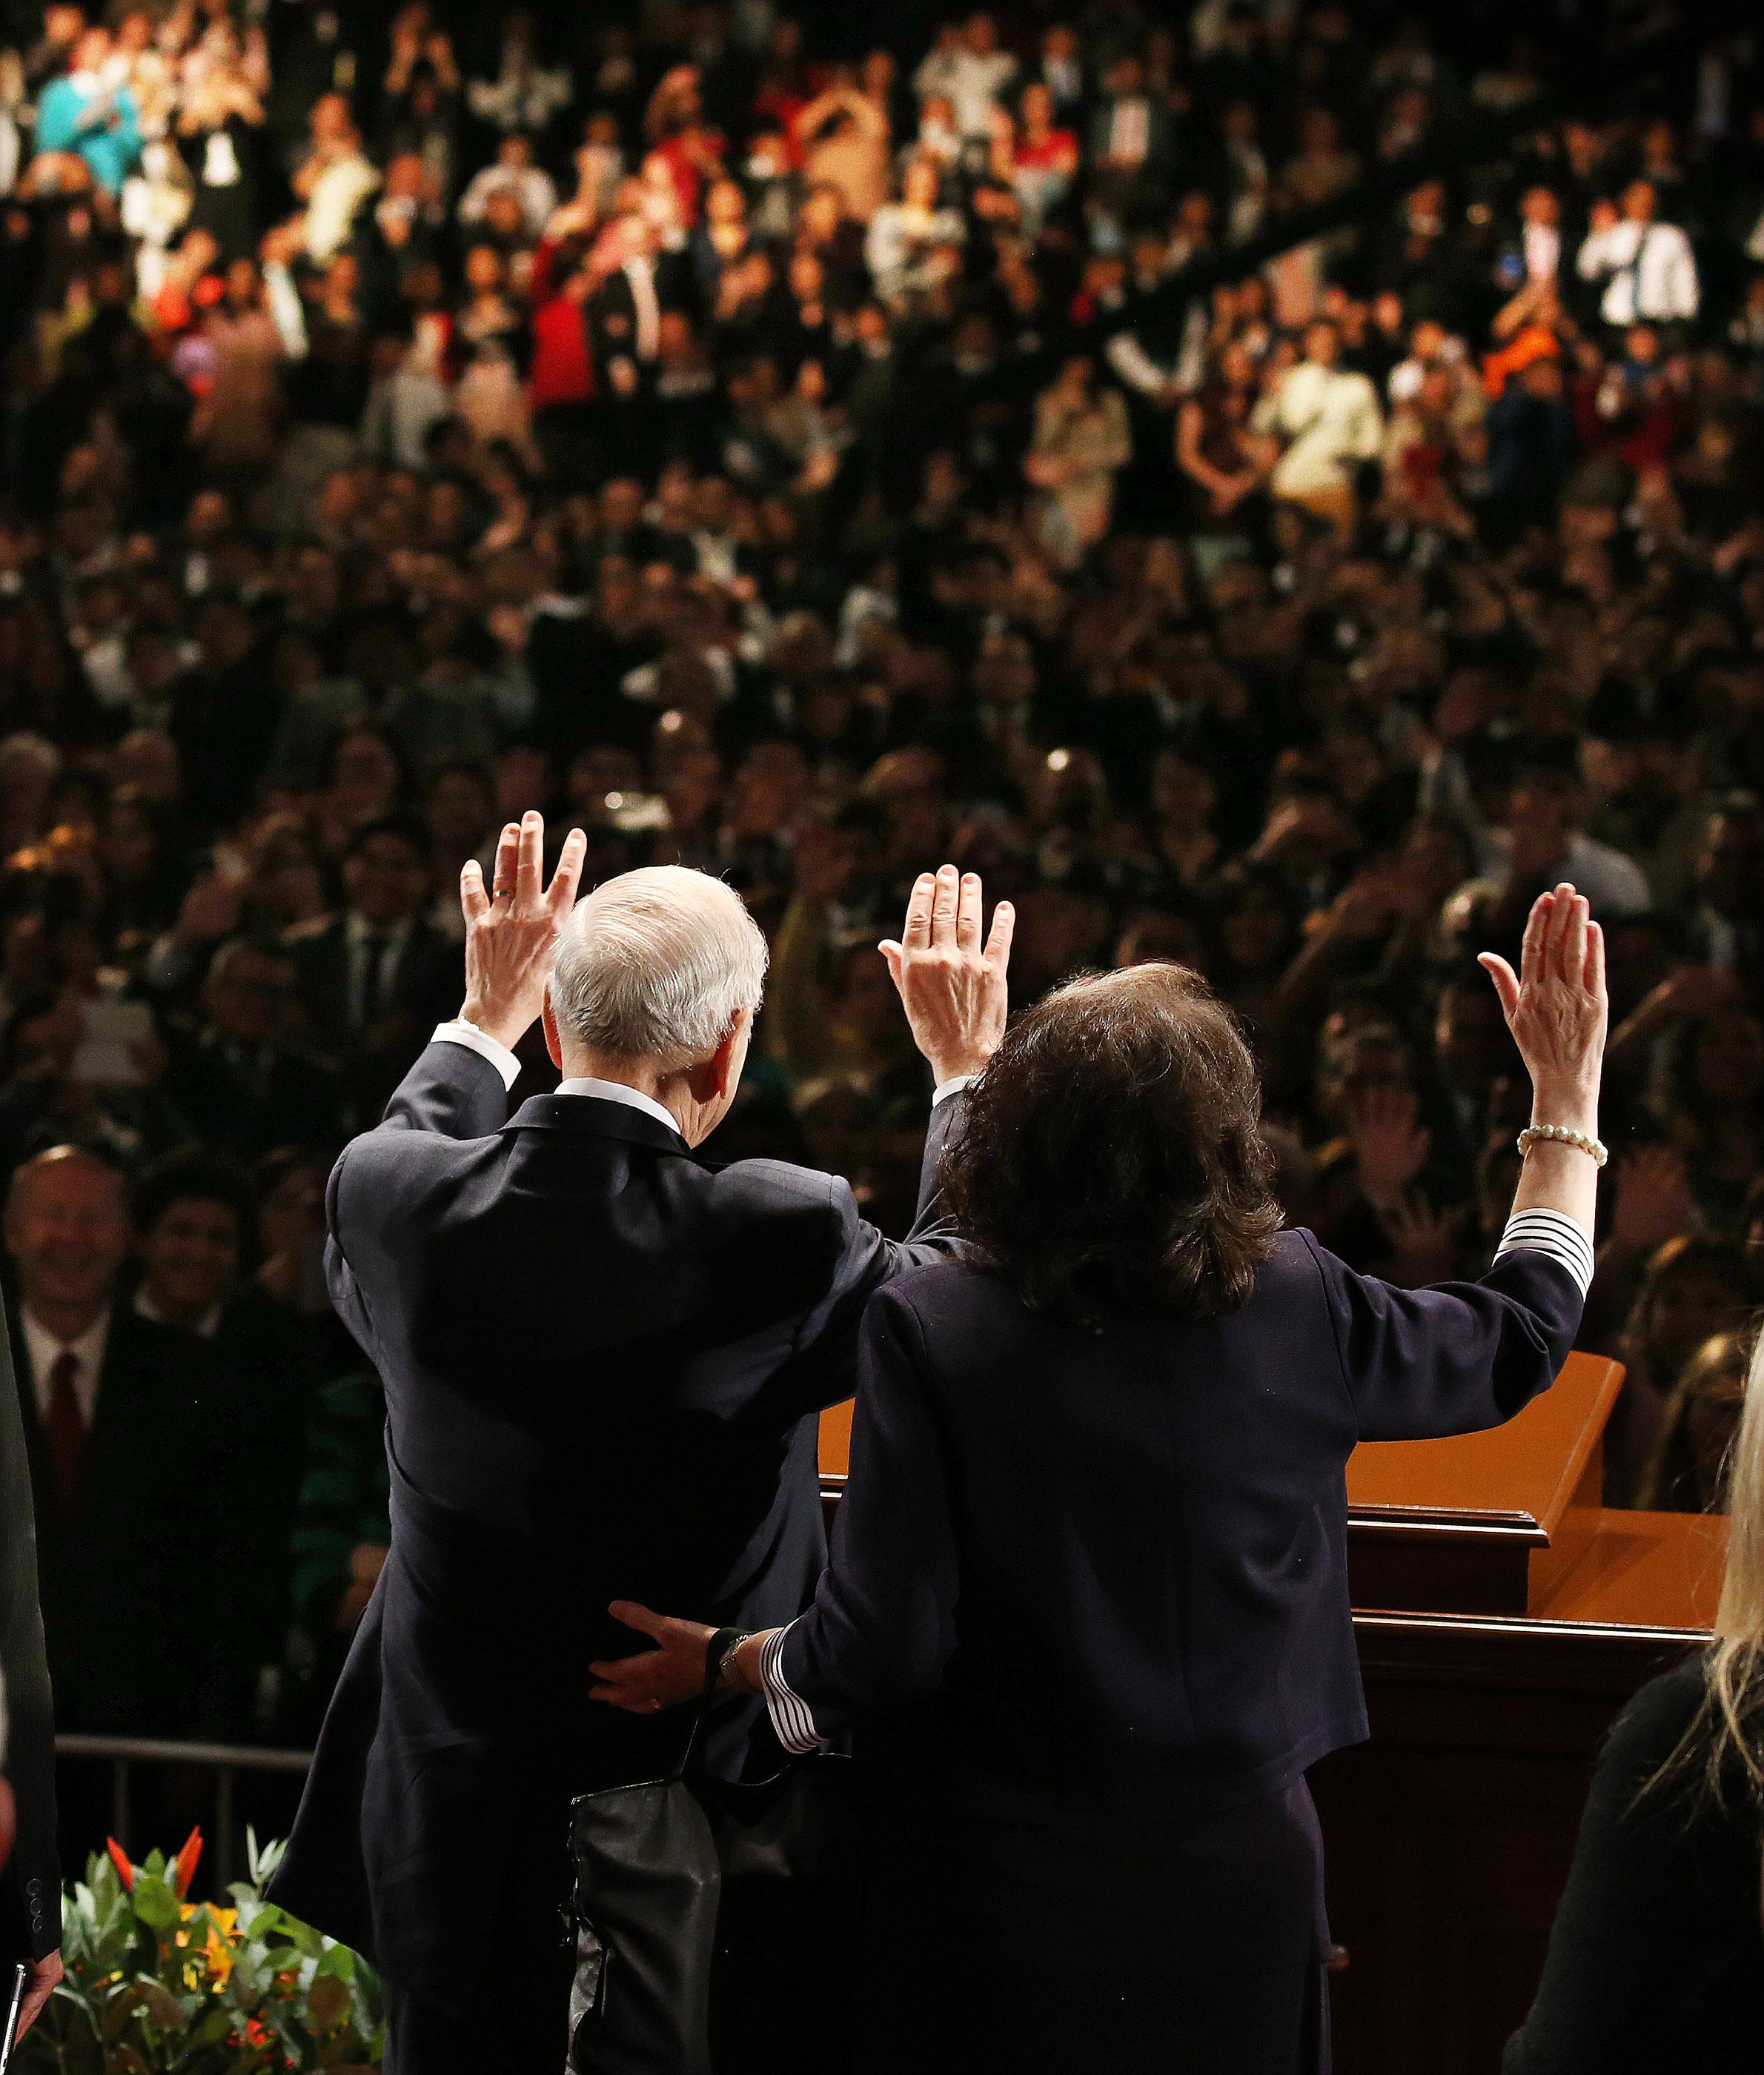 El presidente Russell M. Nelson y su esposa, la hermana Wendy Nelson, saludan a los asistentes después de un devocional en Lima, Perú, el 20 de octubre de 2018.